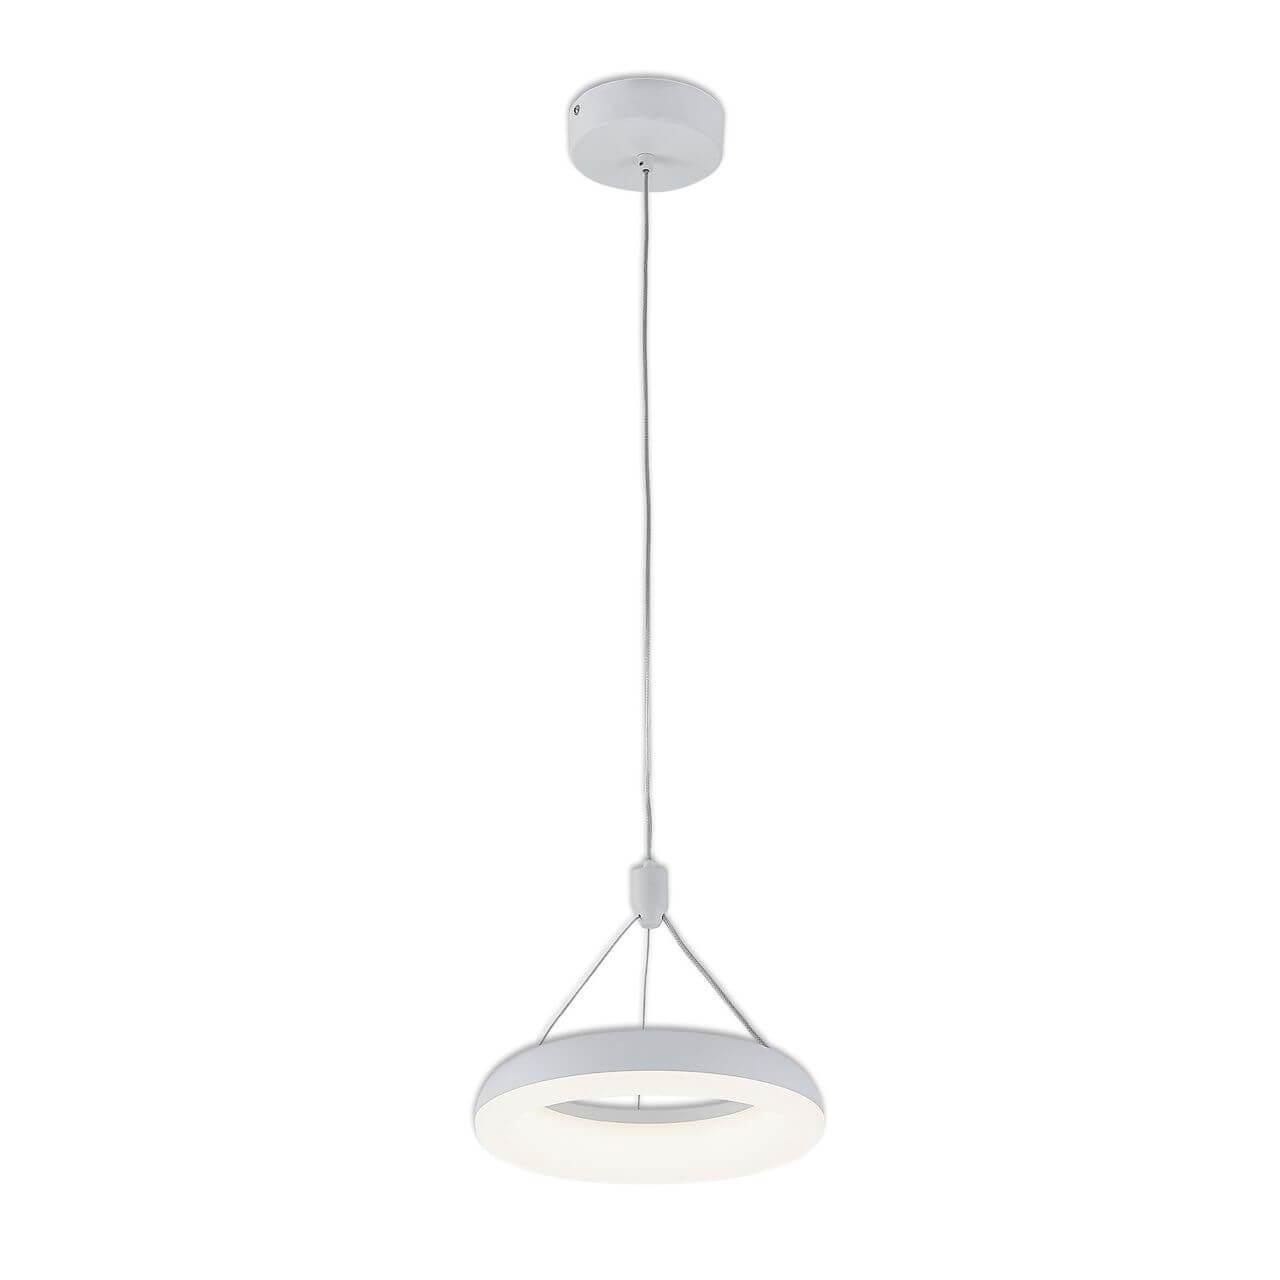 Светильник Citilux CL225110r Паркер подвесной светодиодной светильник citilux cl225110r